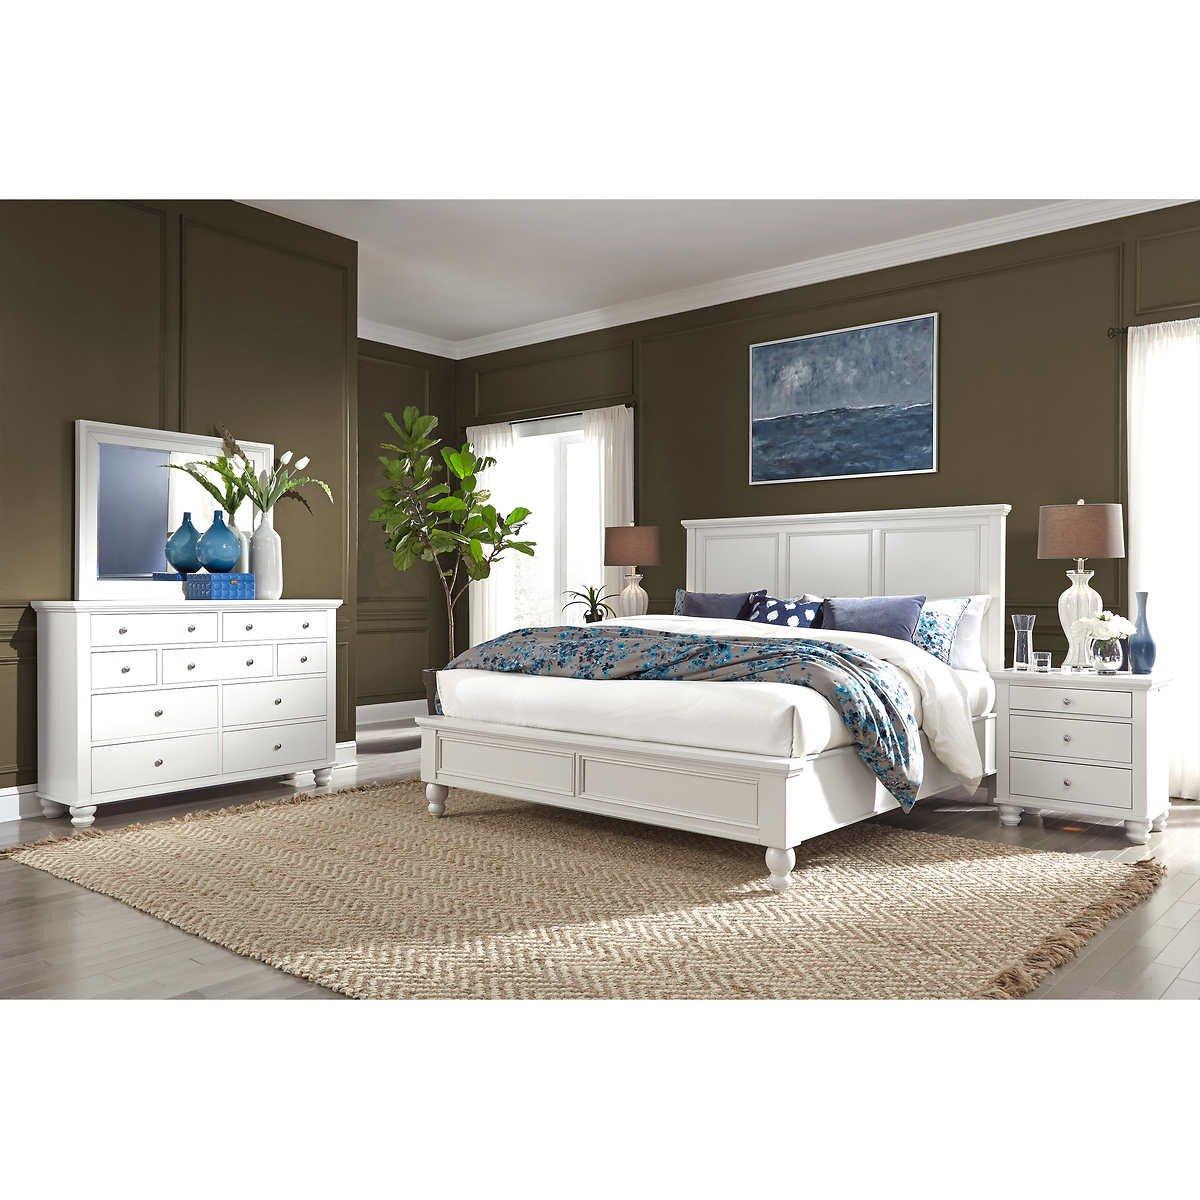 Costco Bedroom Furniture Reviews Elegant Baldwin Park 5 Piece Queen Bedroom Set